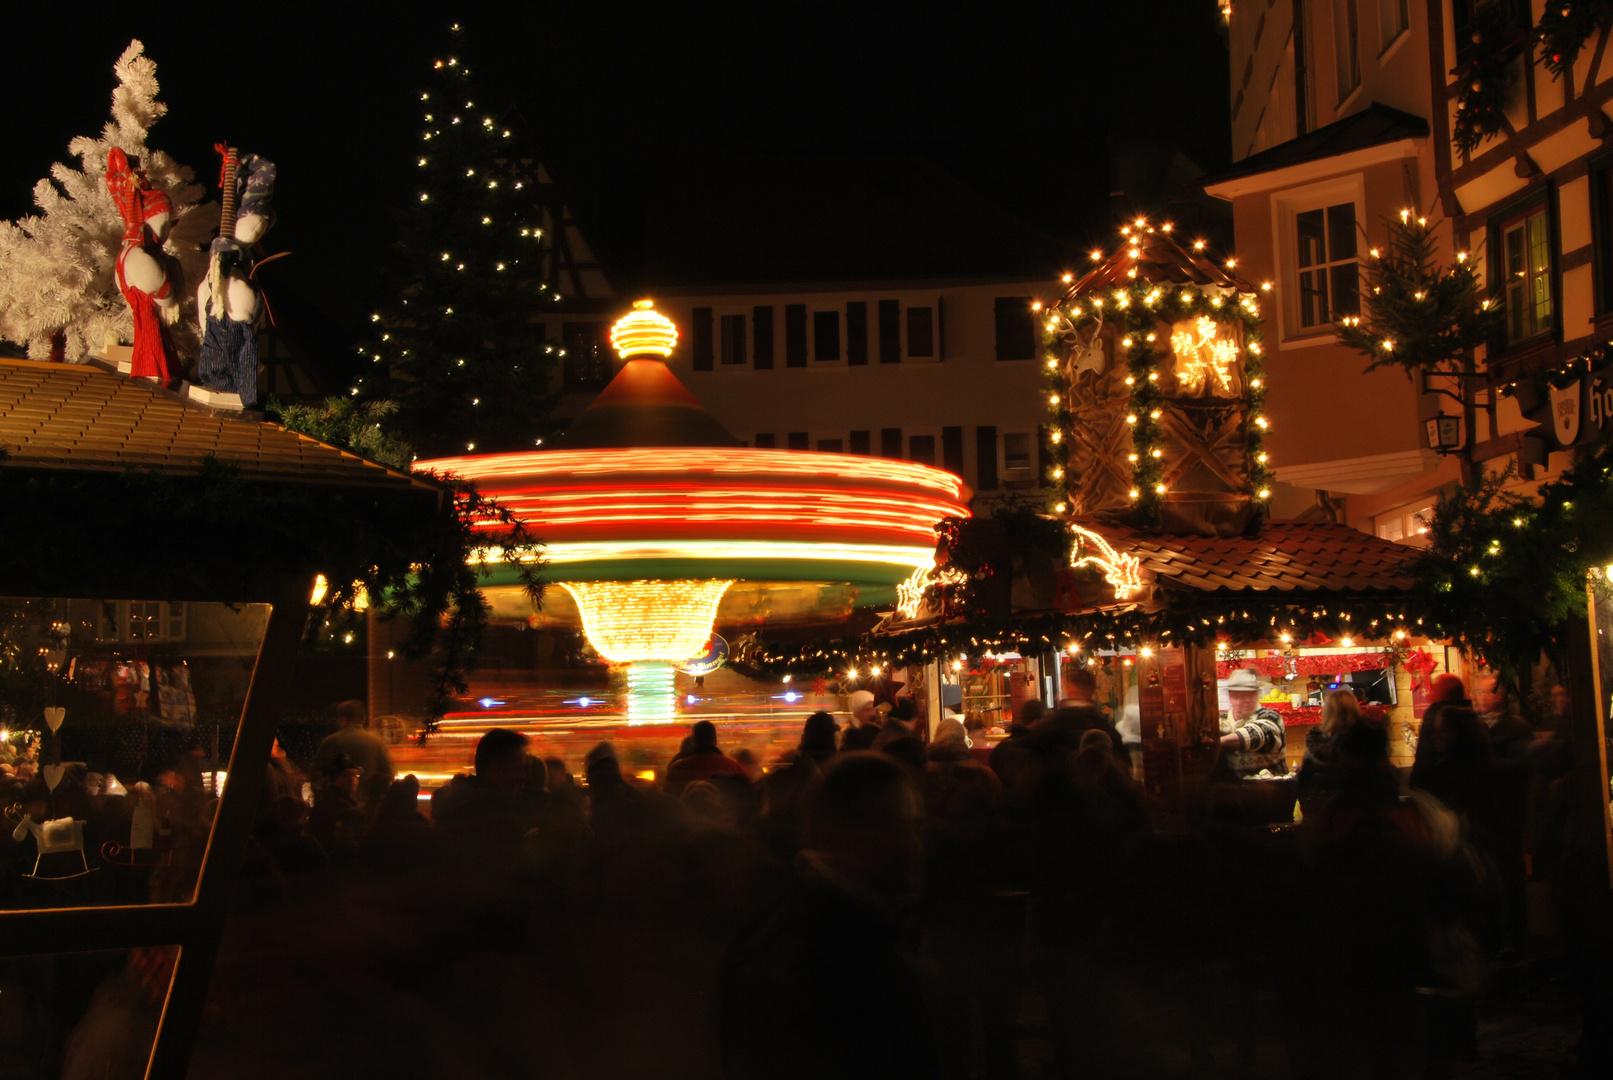 Karussell Weihnachtsmarkt